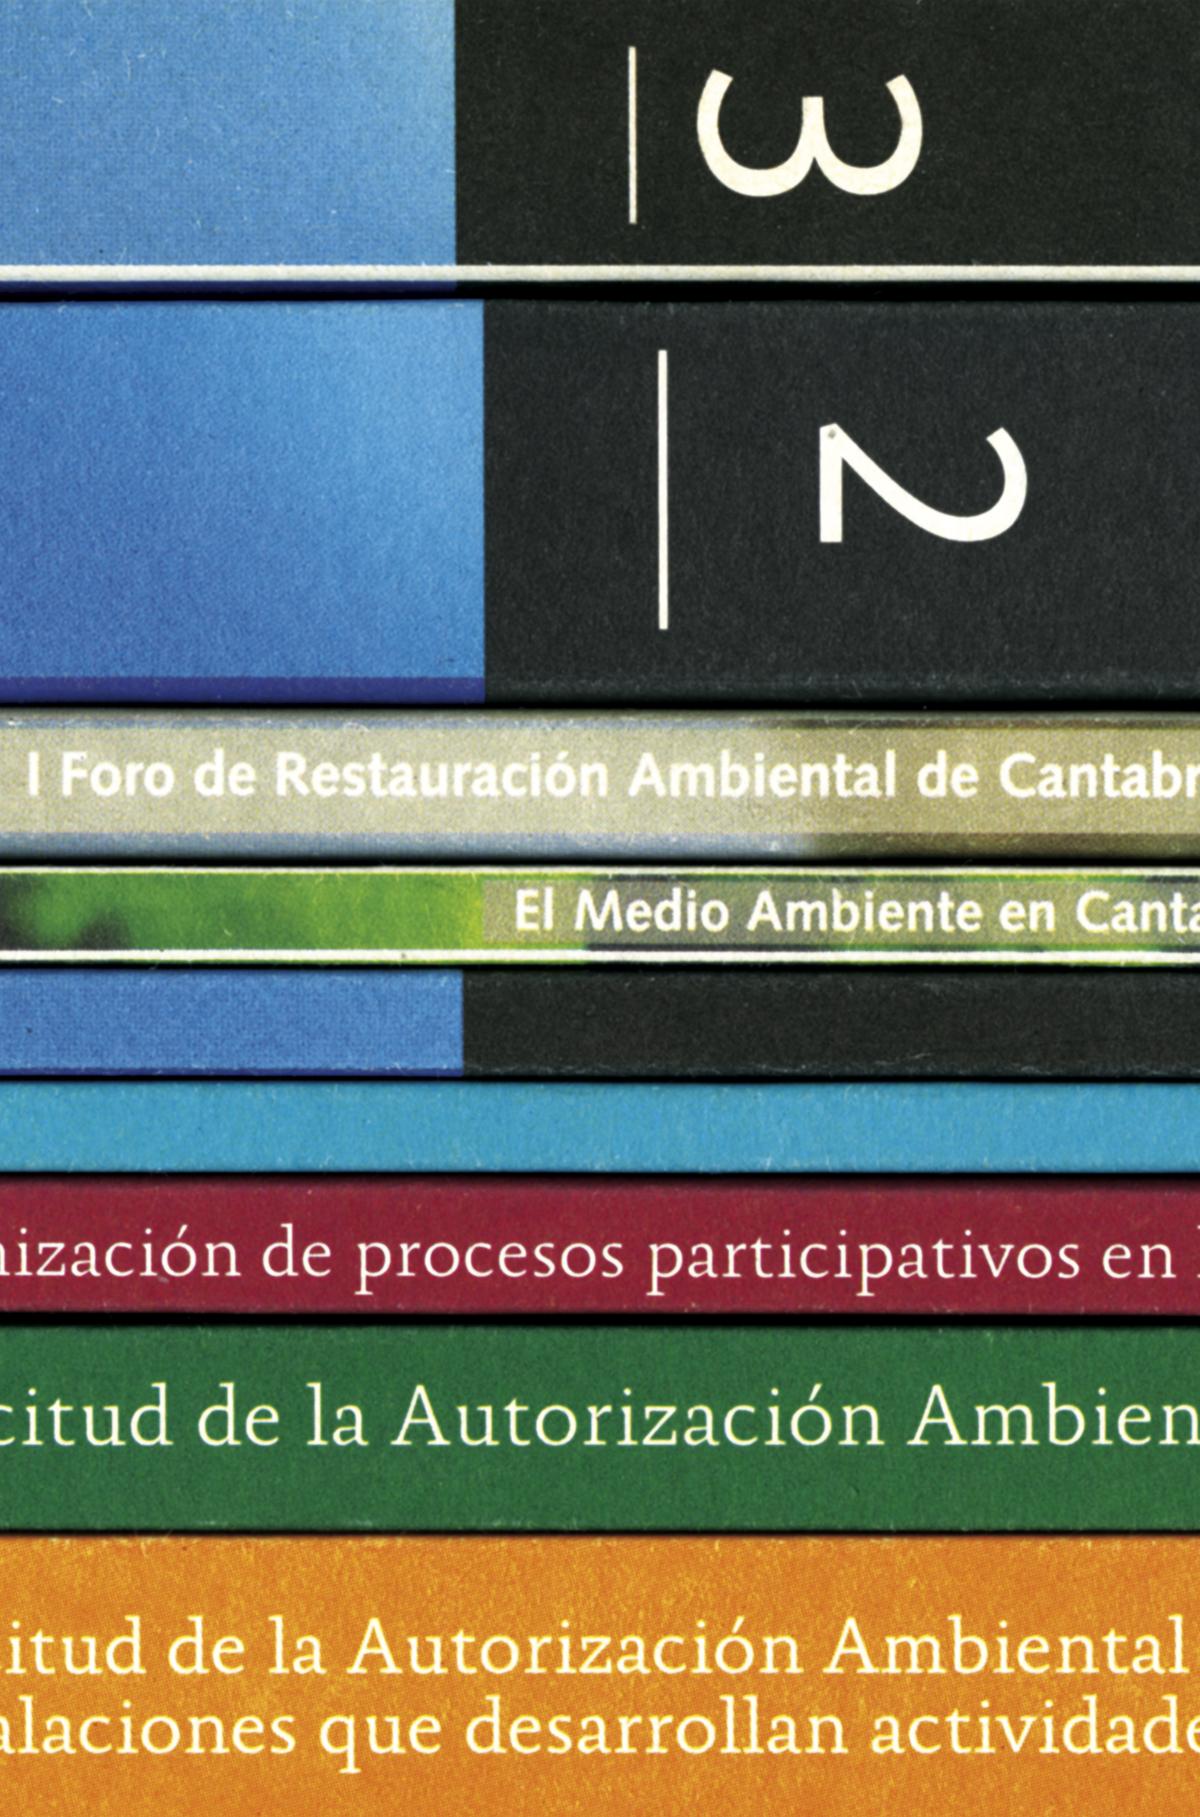 PUBLICACIONES MEDIO AMBIENTE CANTABRIA 9